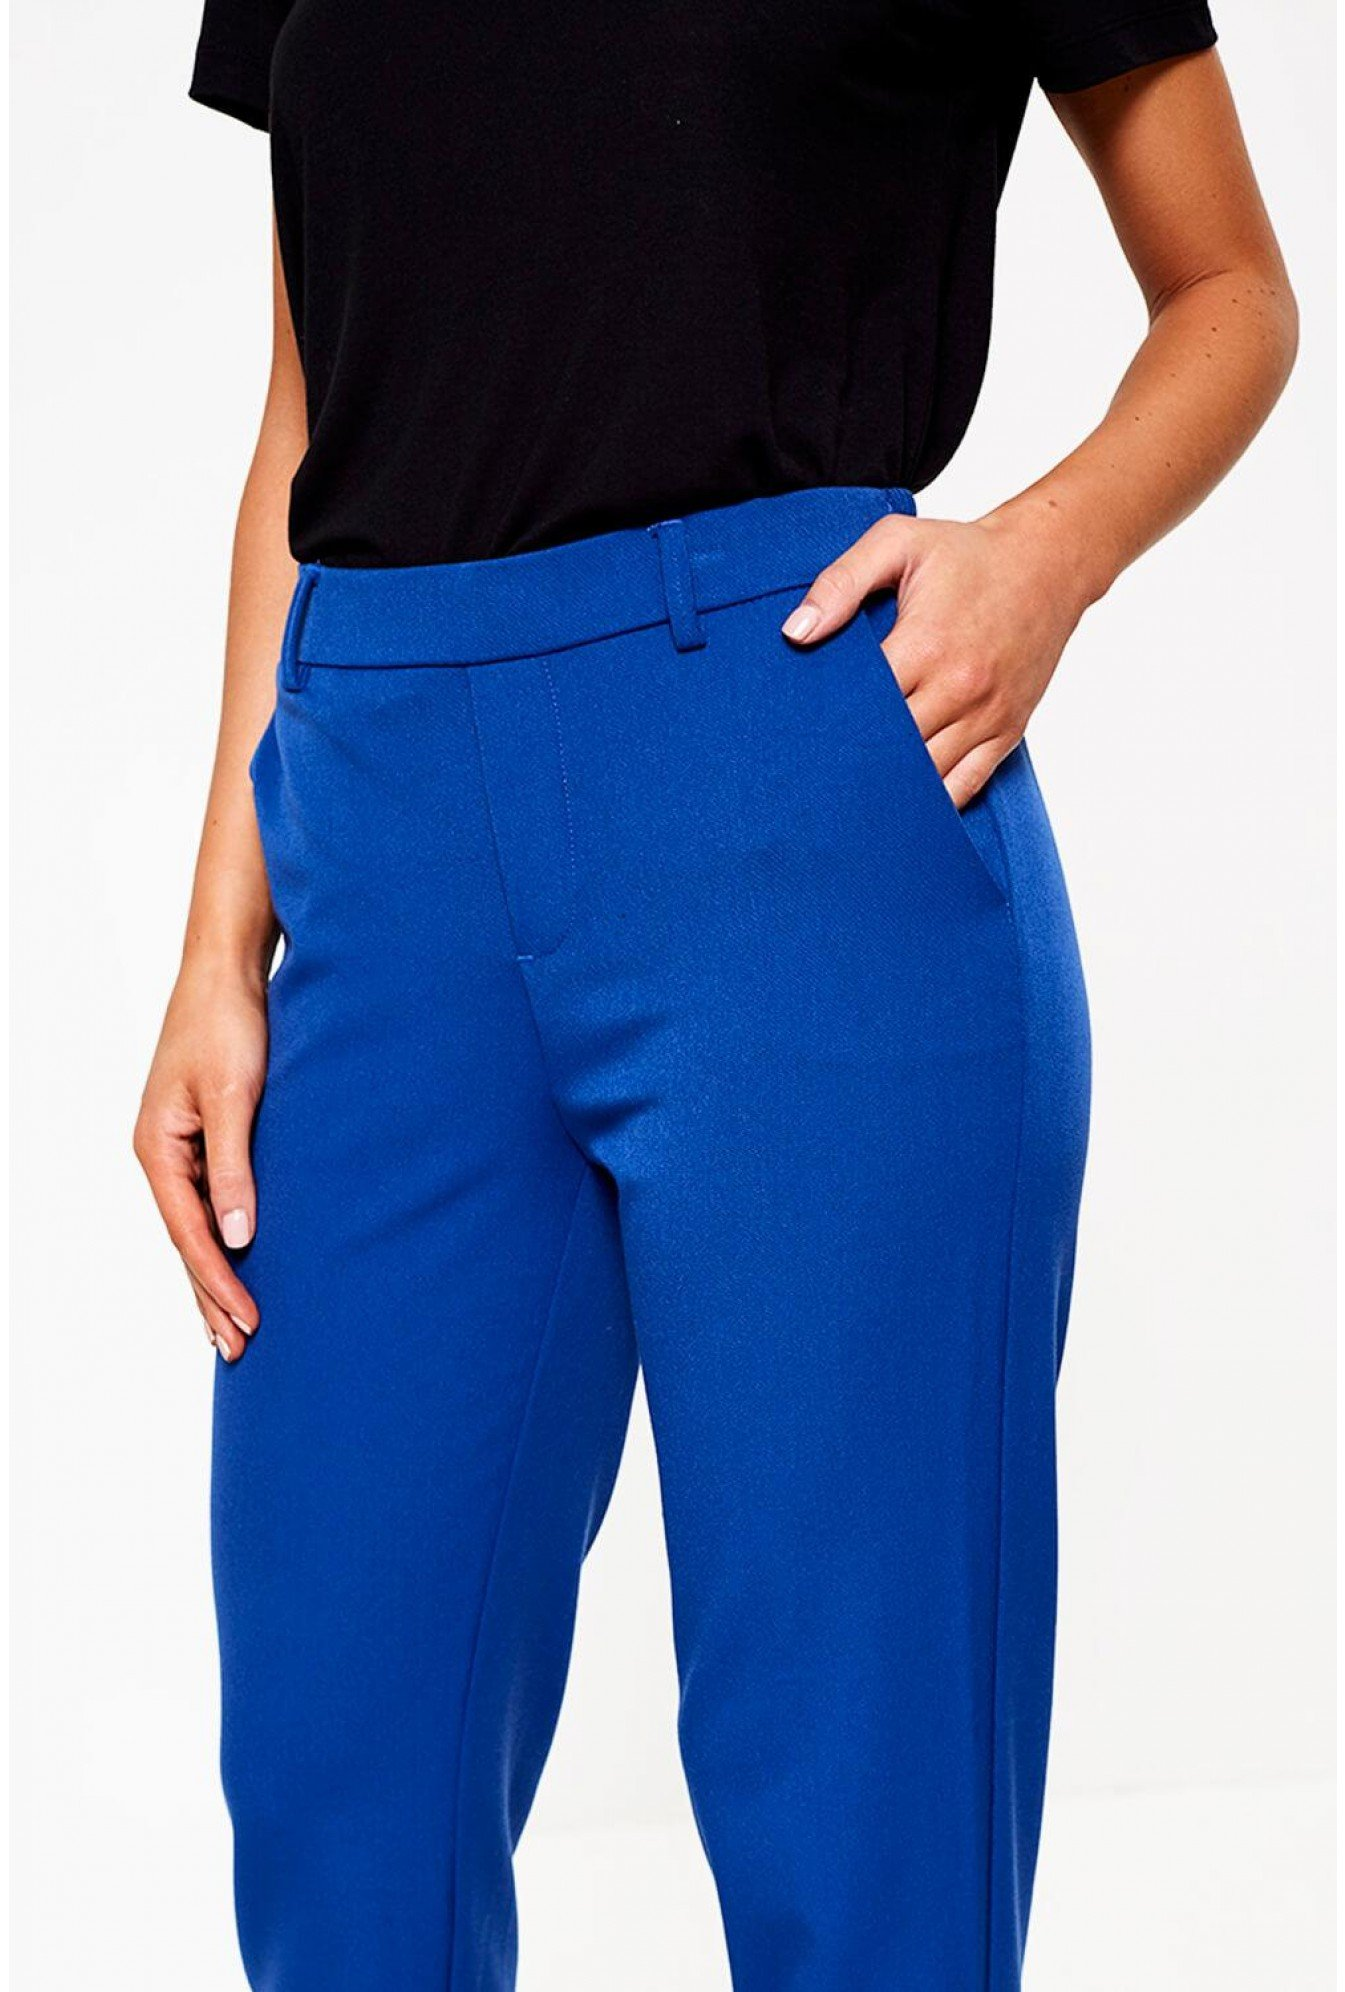 Pantalon De Adolescente De Uniforme Escolar Azul Rey Cstradha